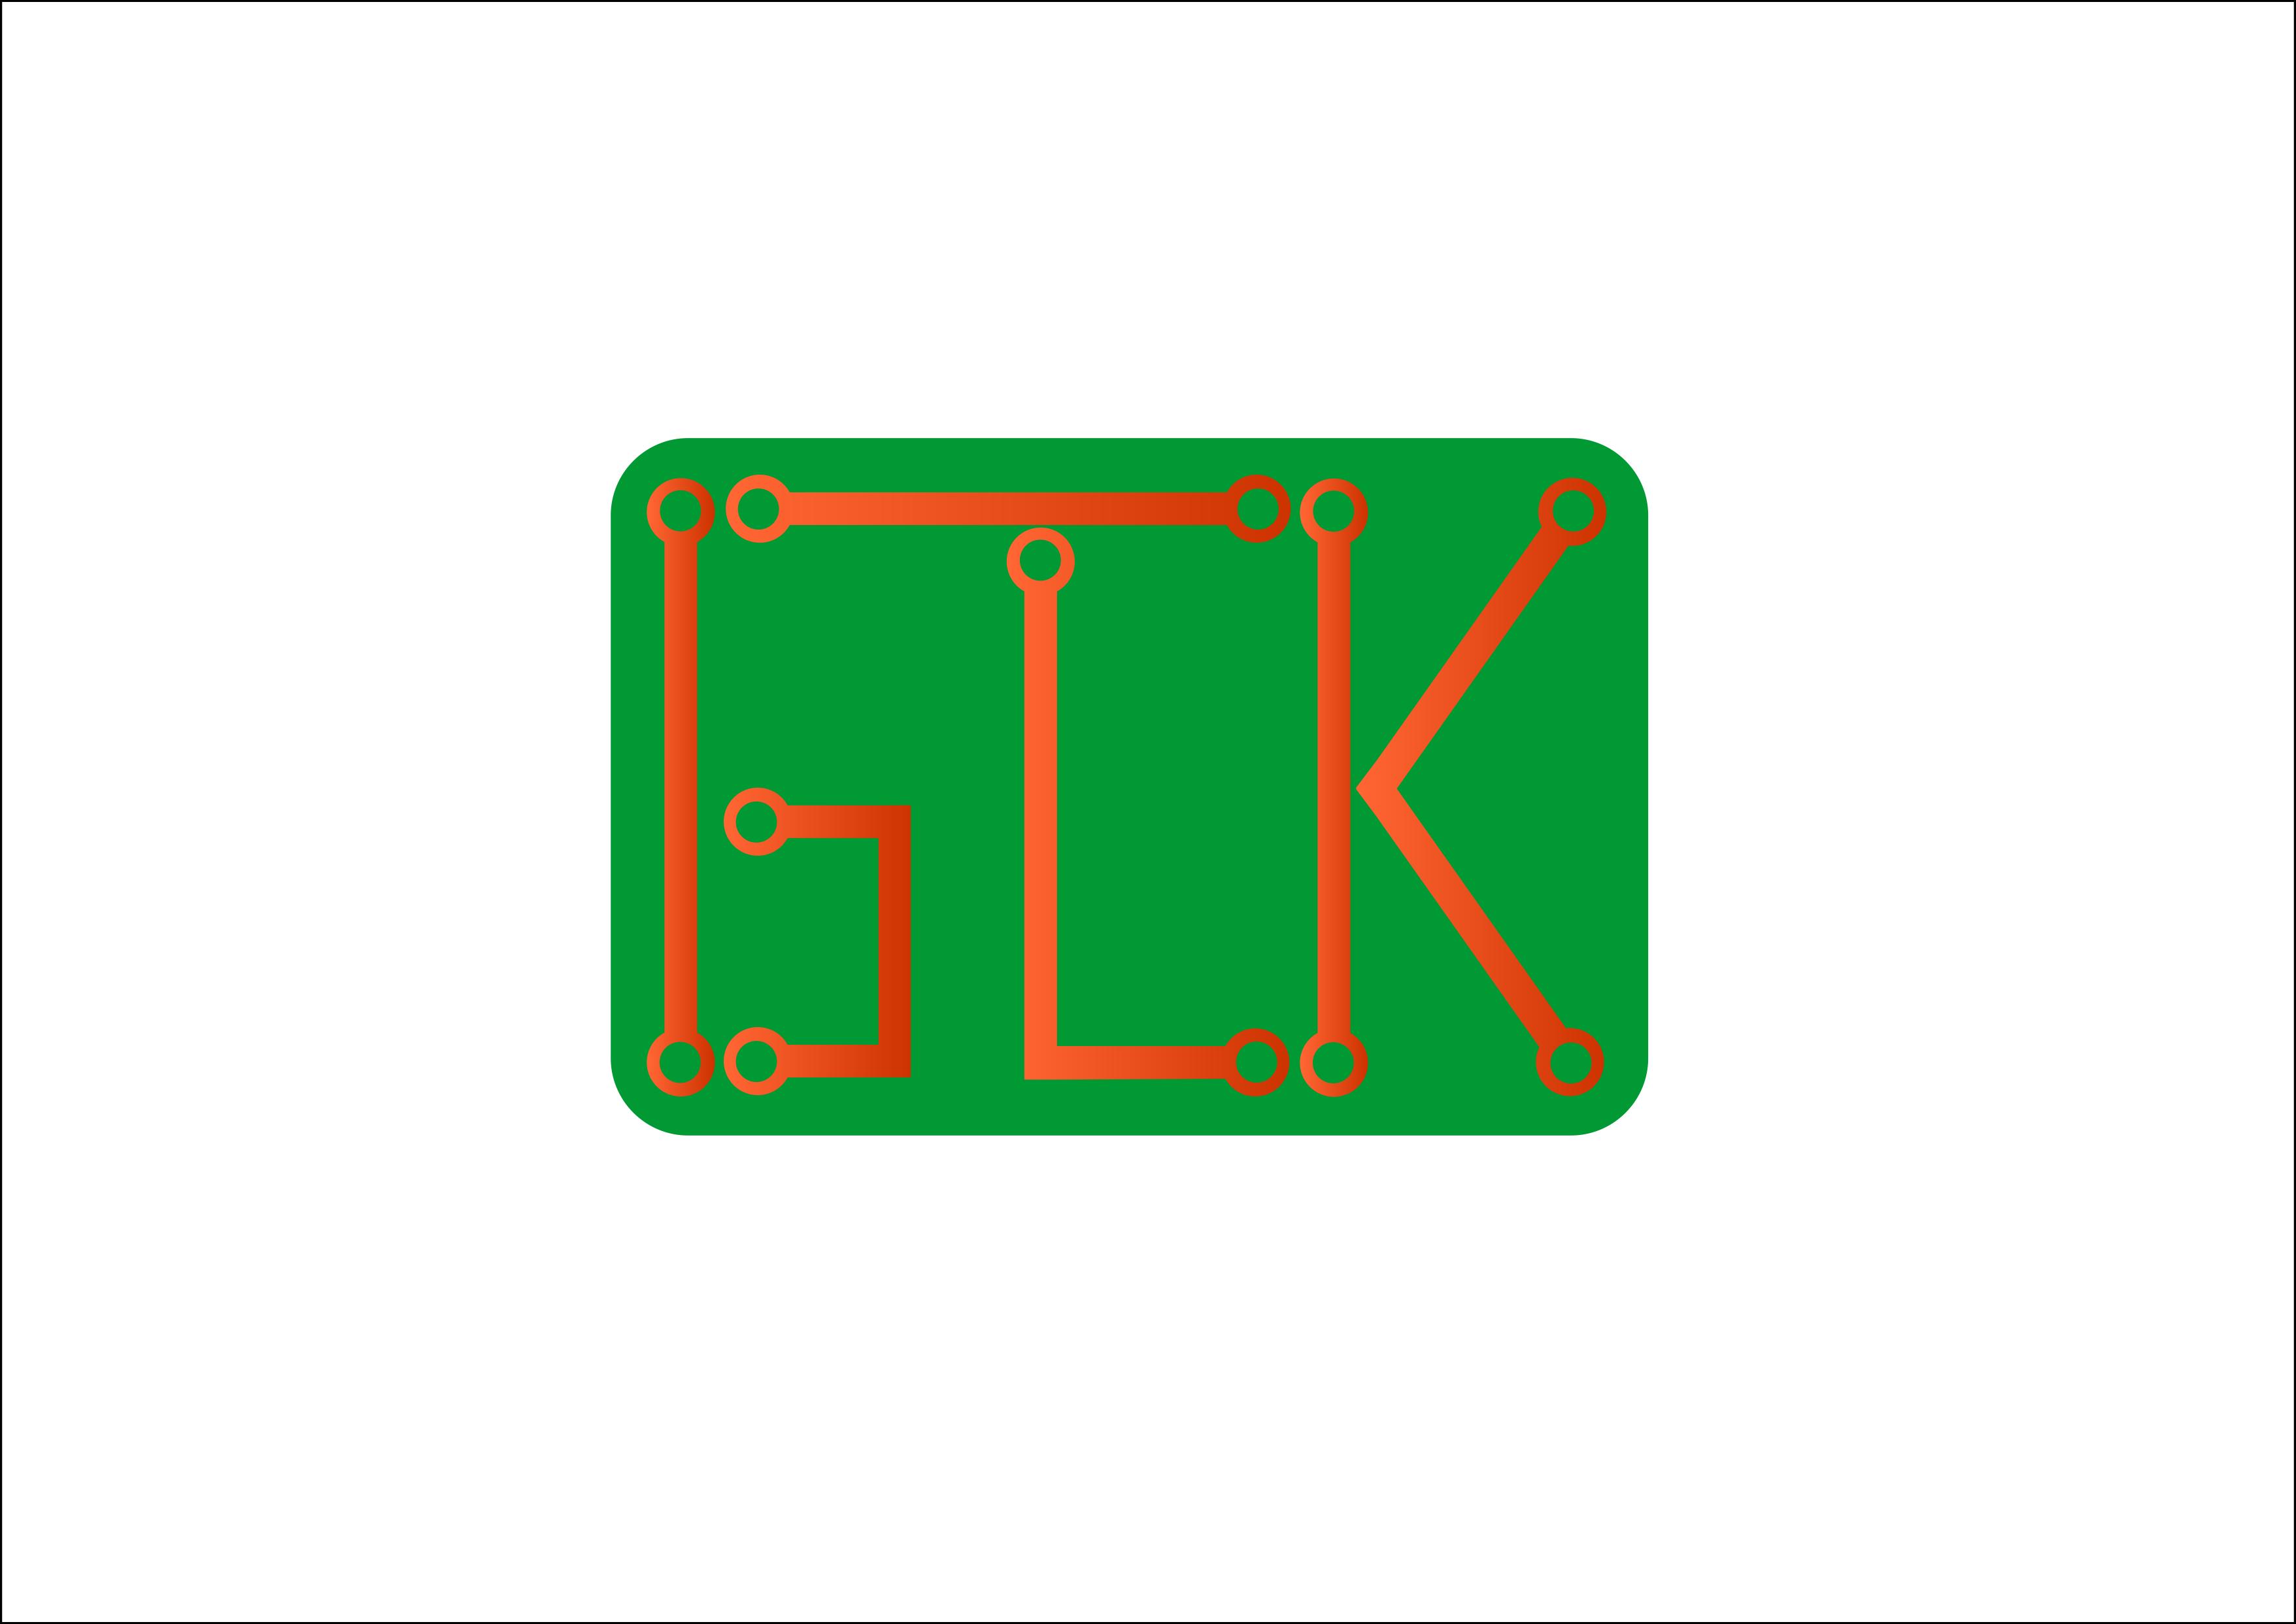 Разработать логотип со смыслом для компании-разработчика ПО фото f_5054a6b7b1e70.png